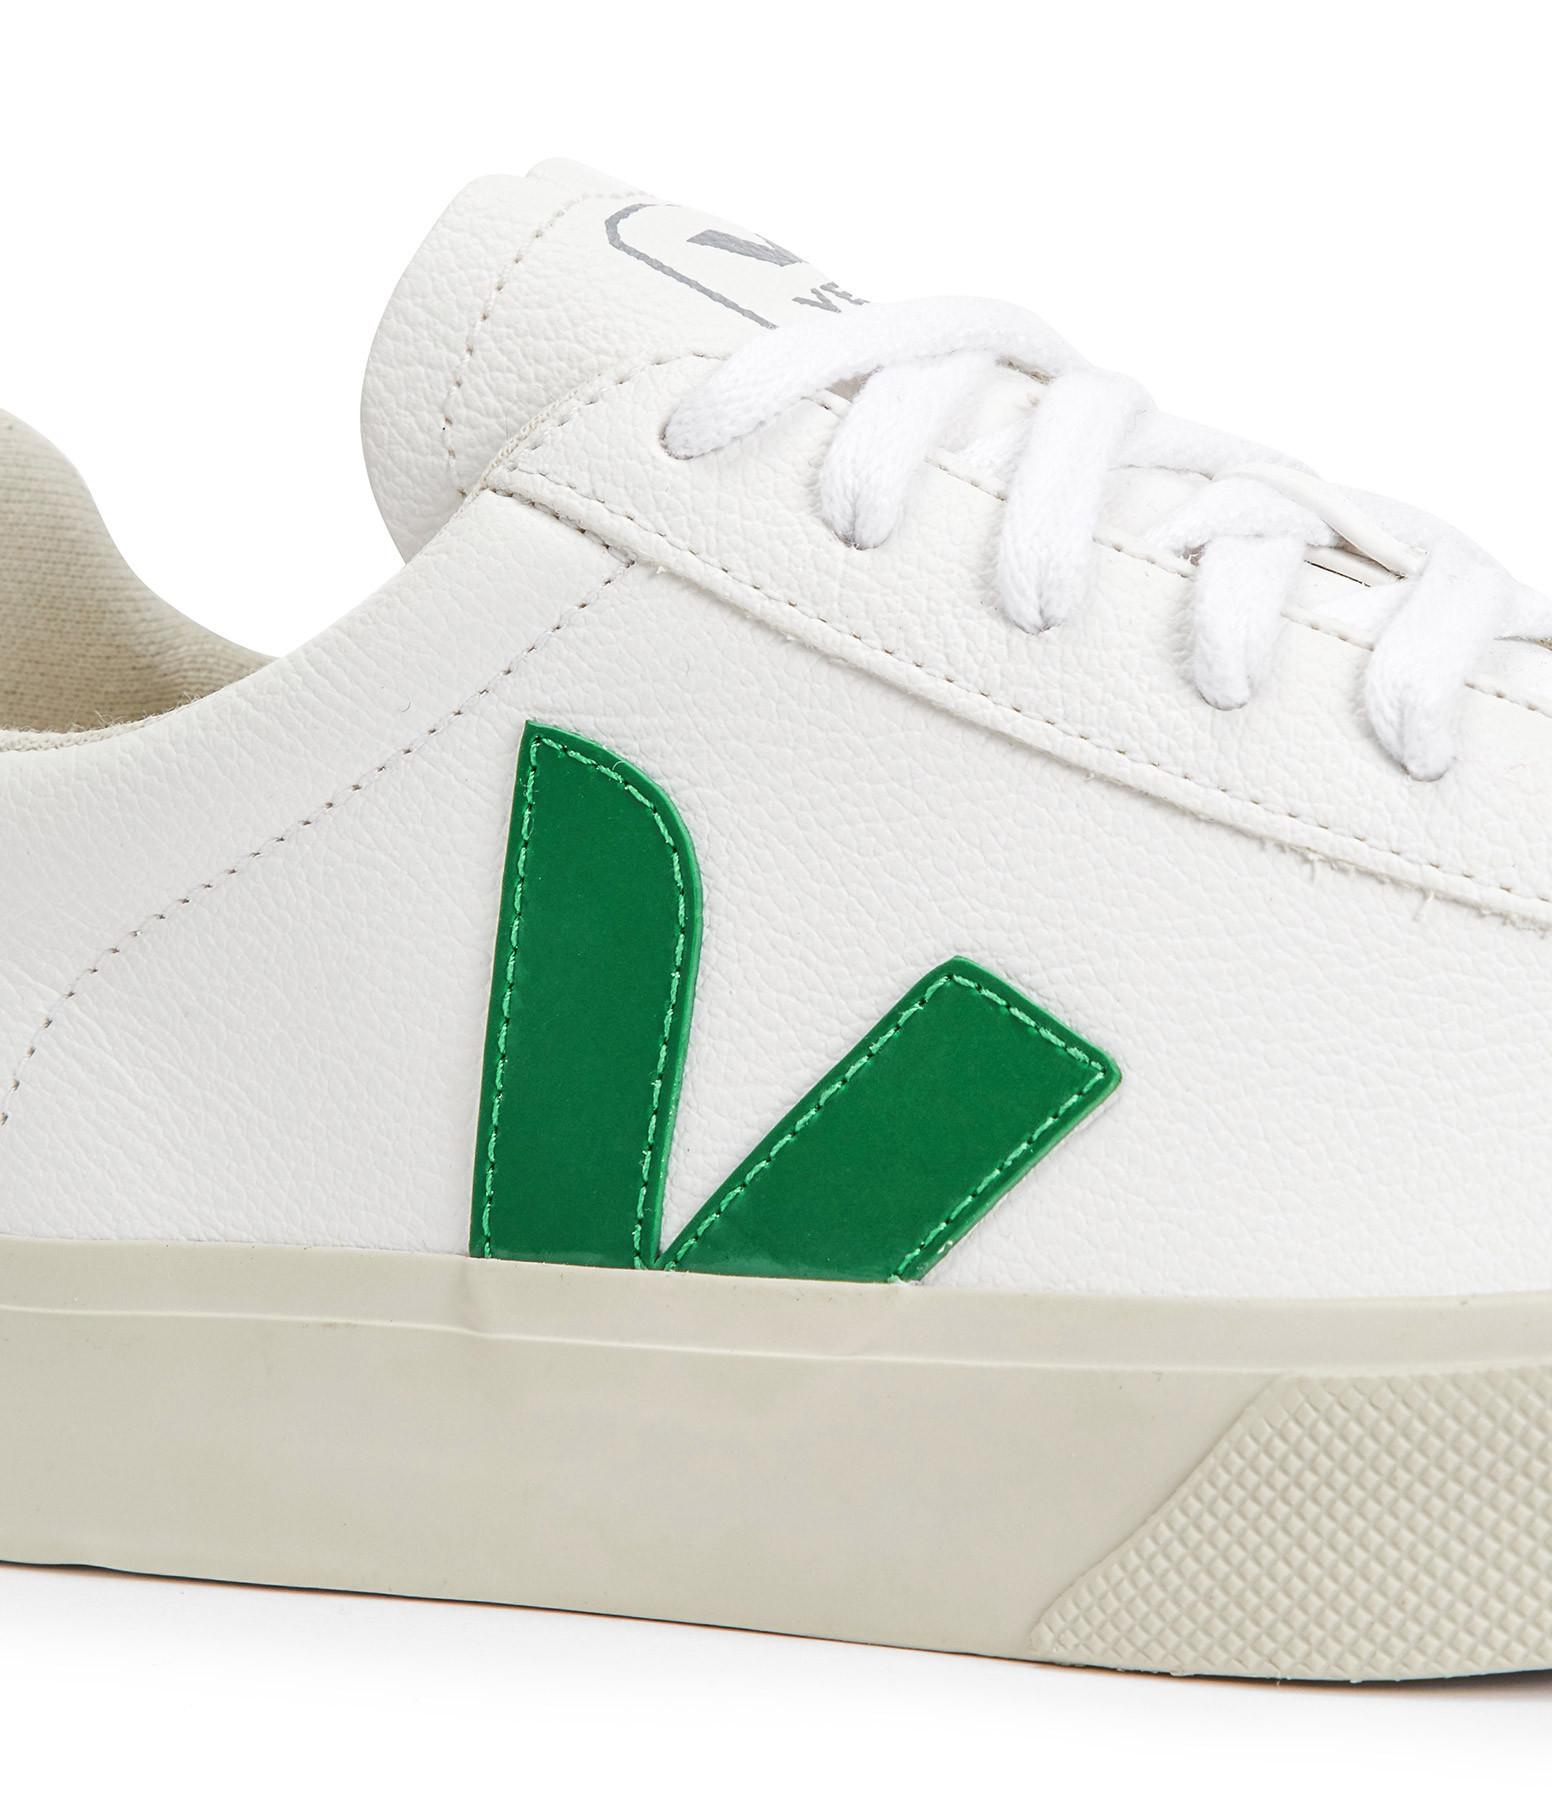 VEJA - Baskets Campo Easy Extra Blanc Emeraude